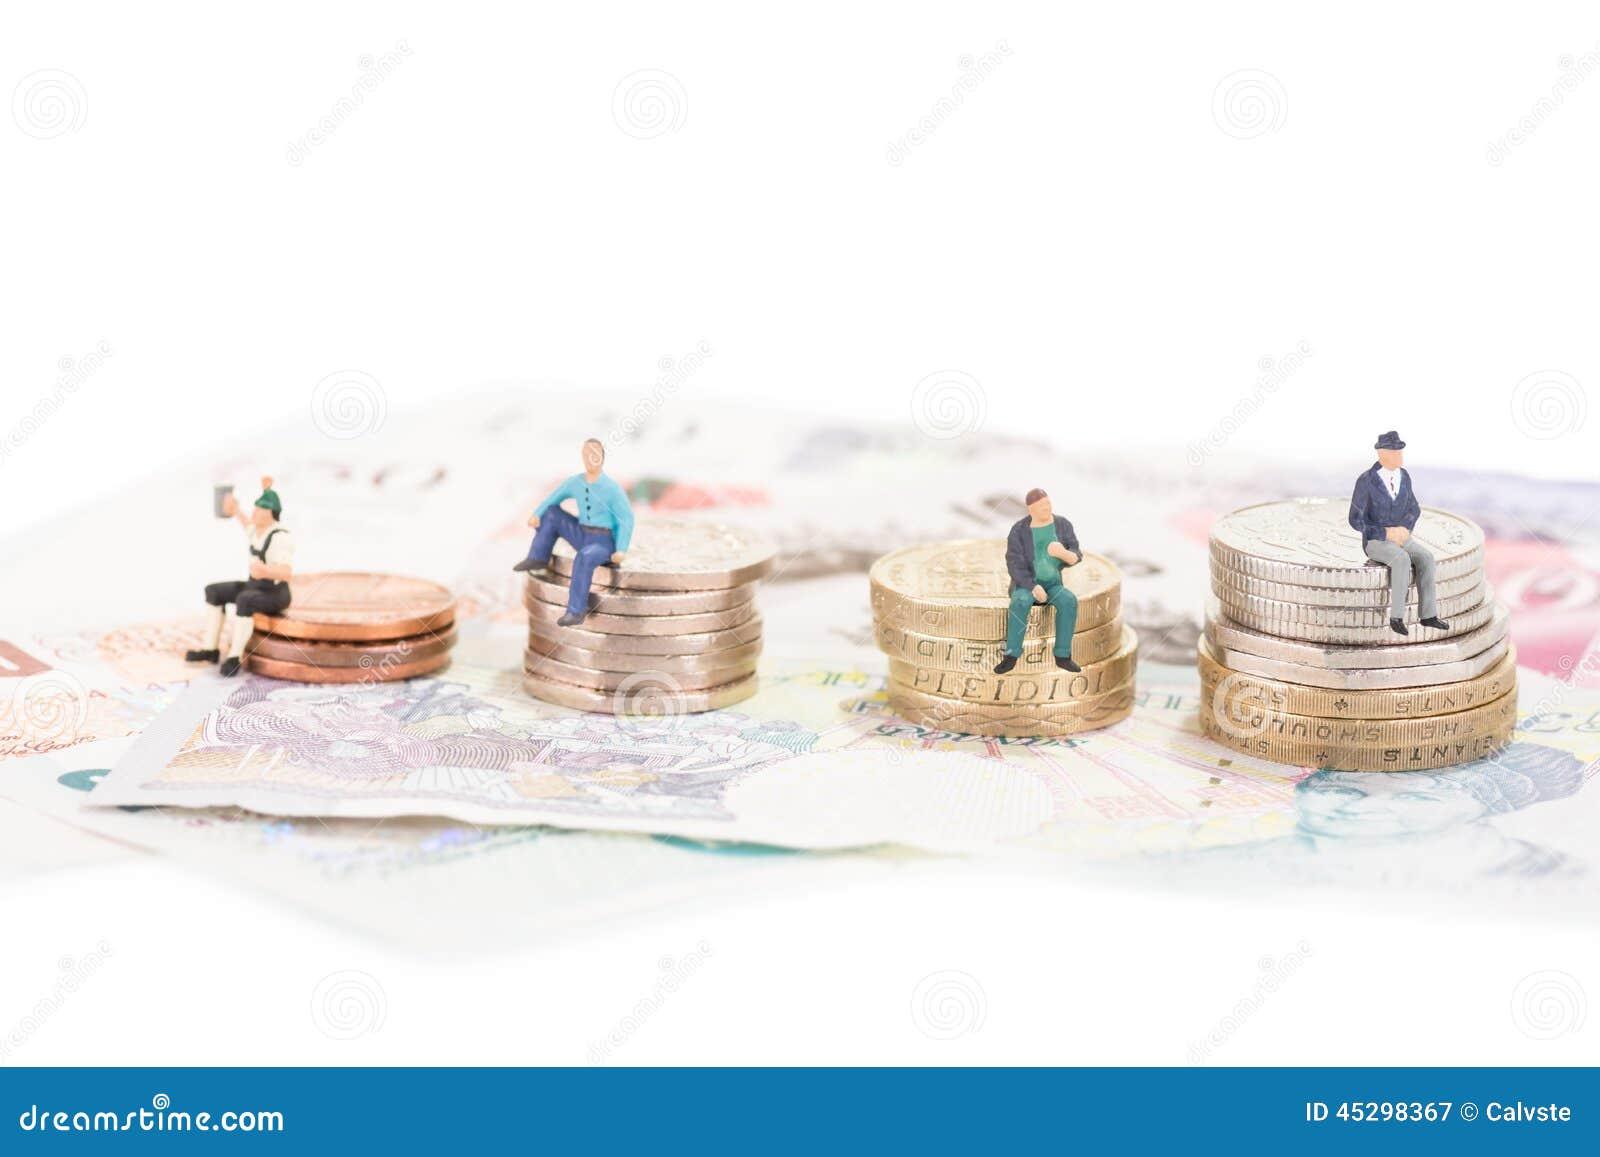 Personnes miniatures s asseyant sur des pièces de monnaie en gros plan